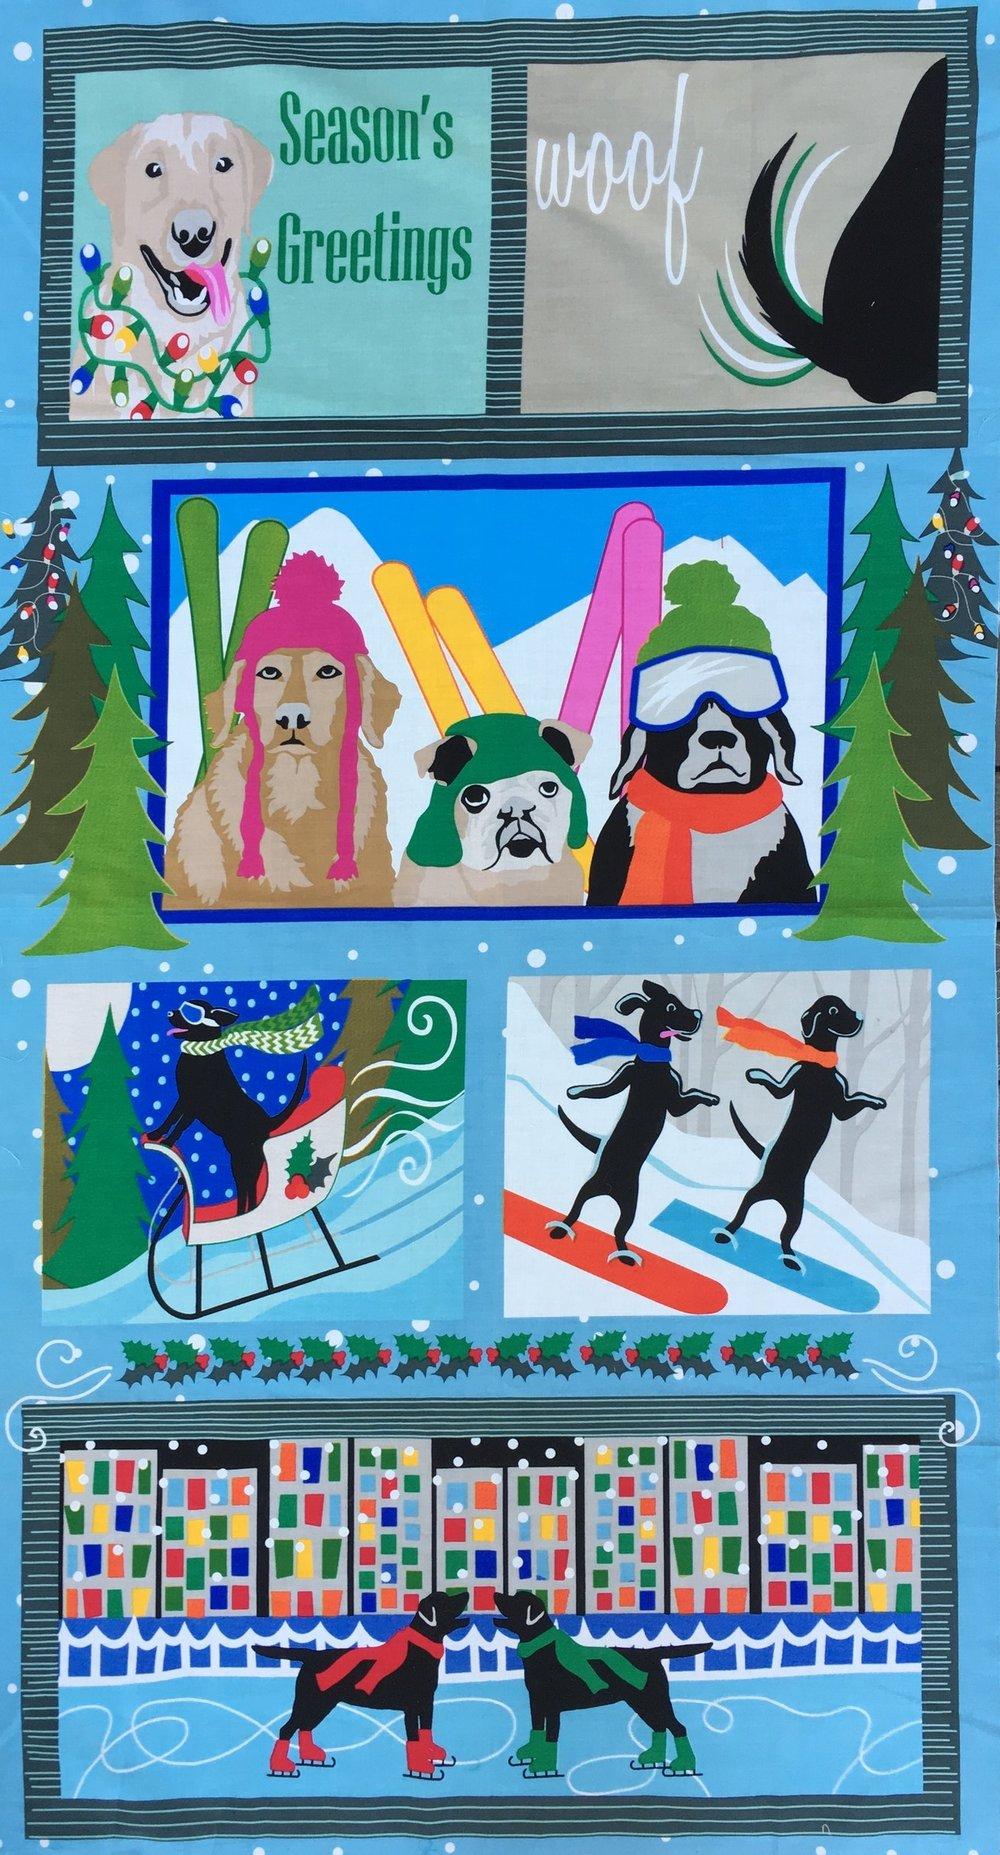 - The original quilt panel